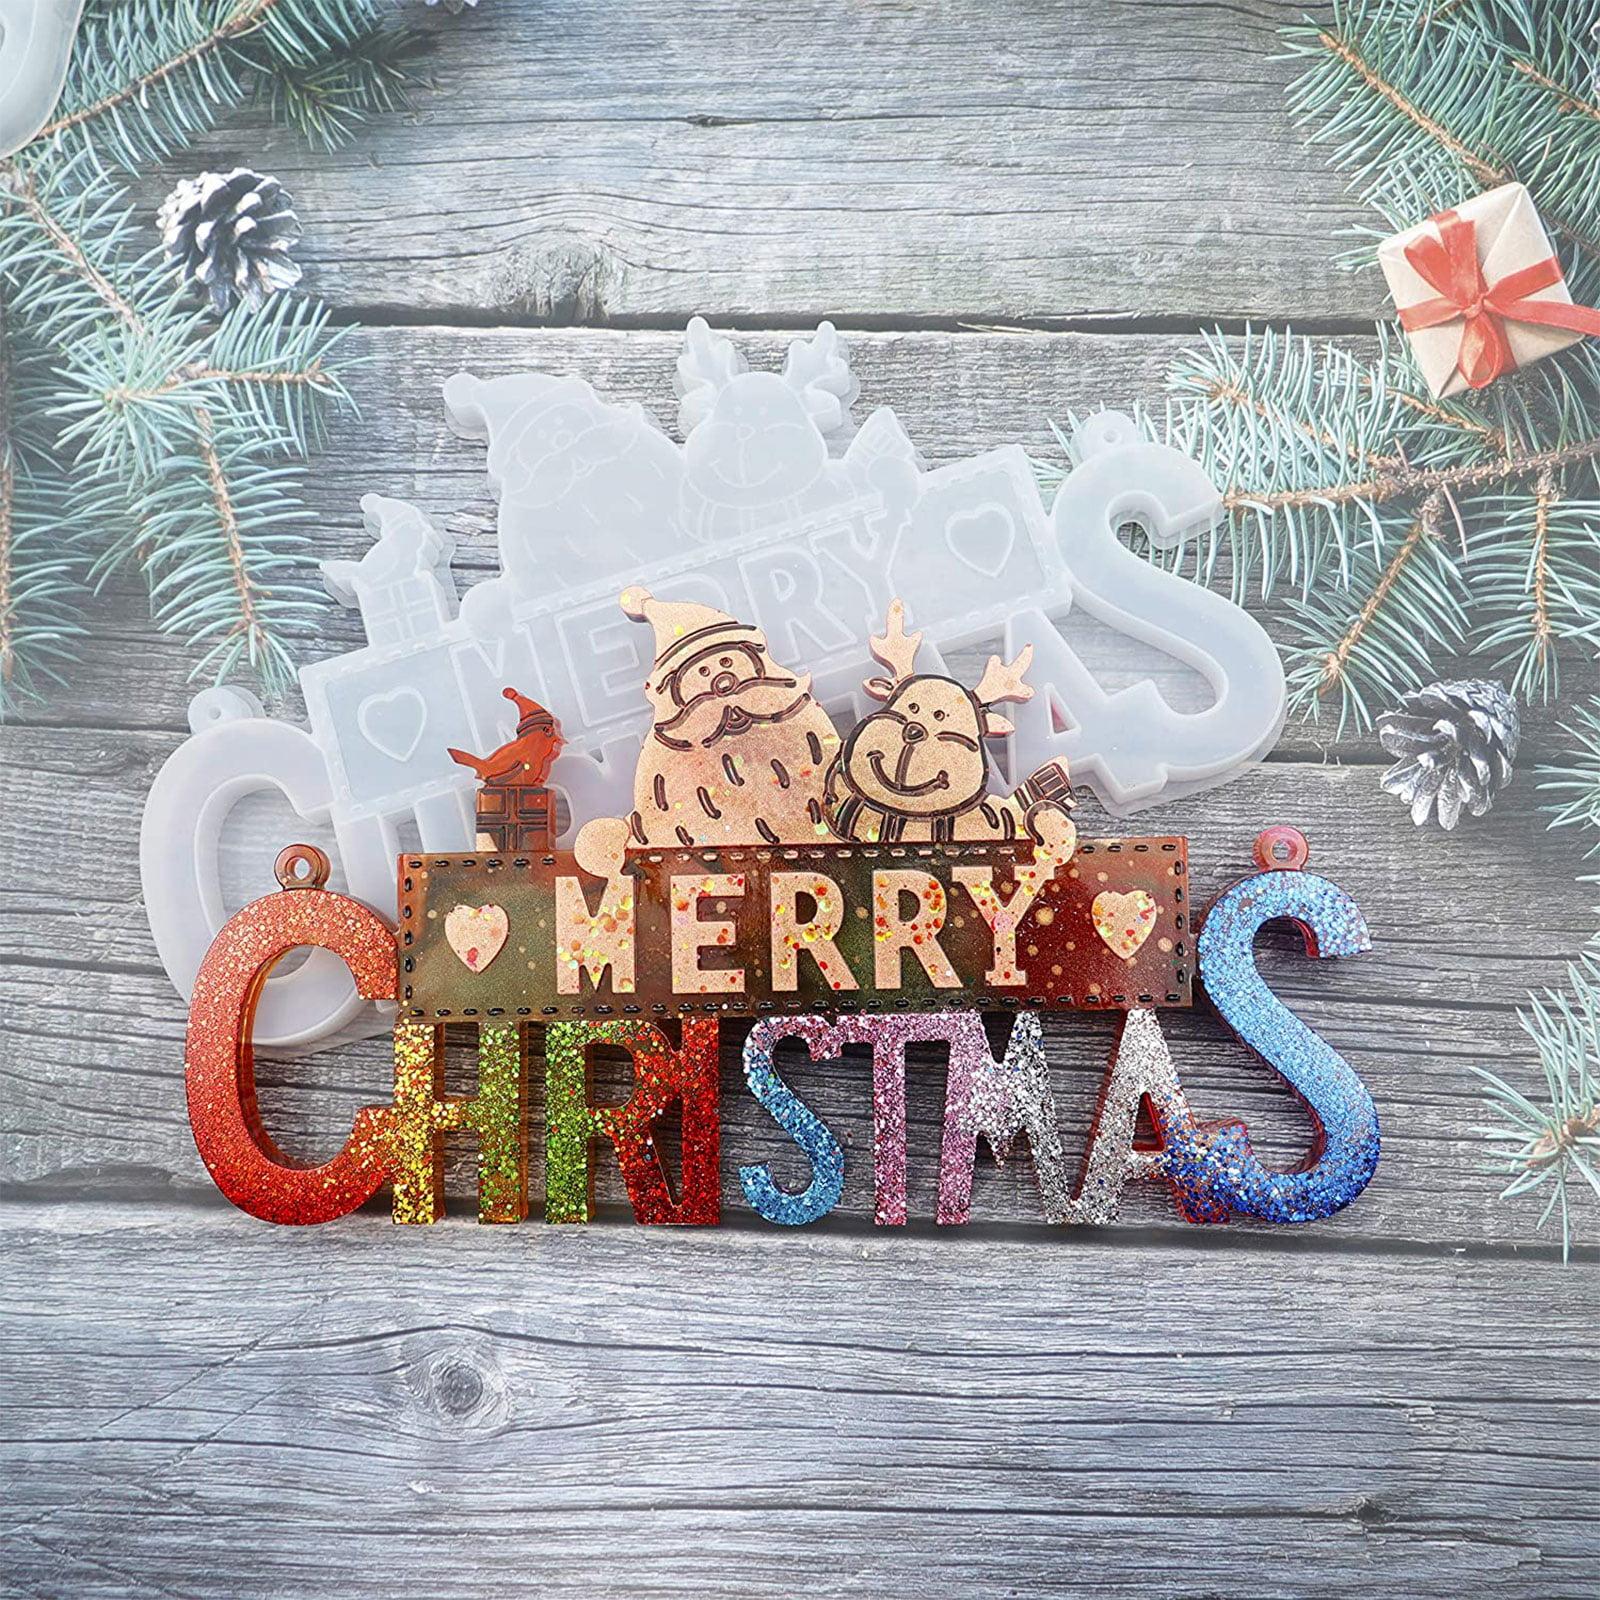 Resin Molds Silicone Resin Mold,DIY Christmas Resin Molds,Silicone Mold for Making Christmas Ornaments